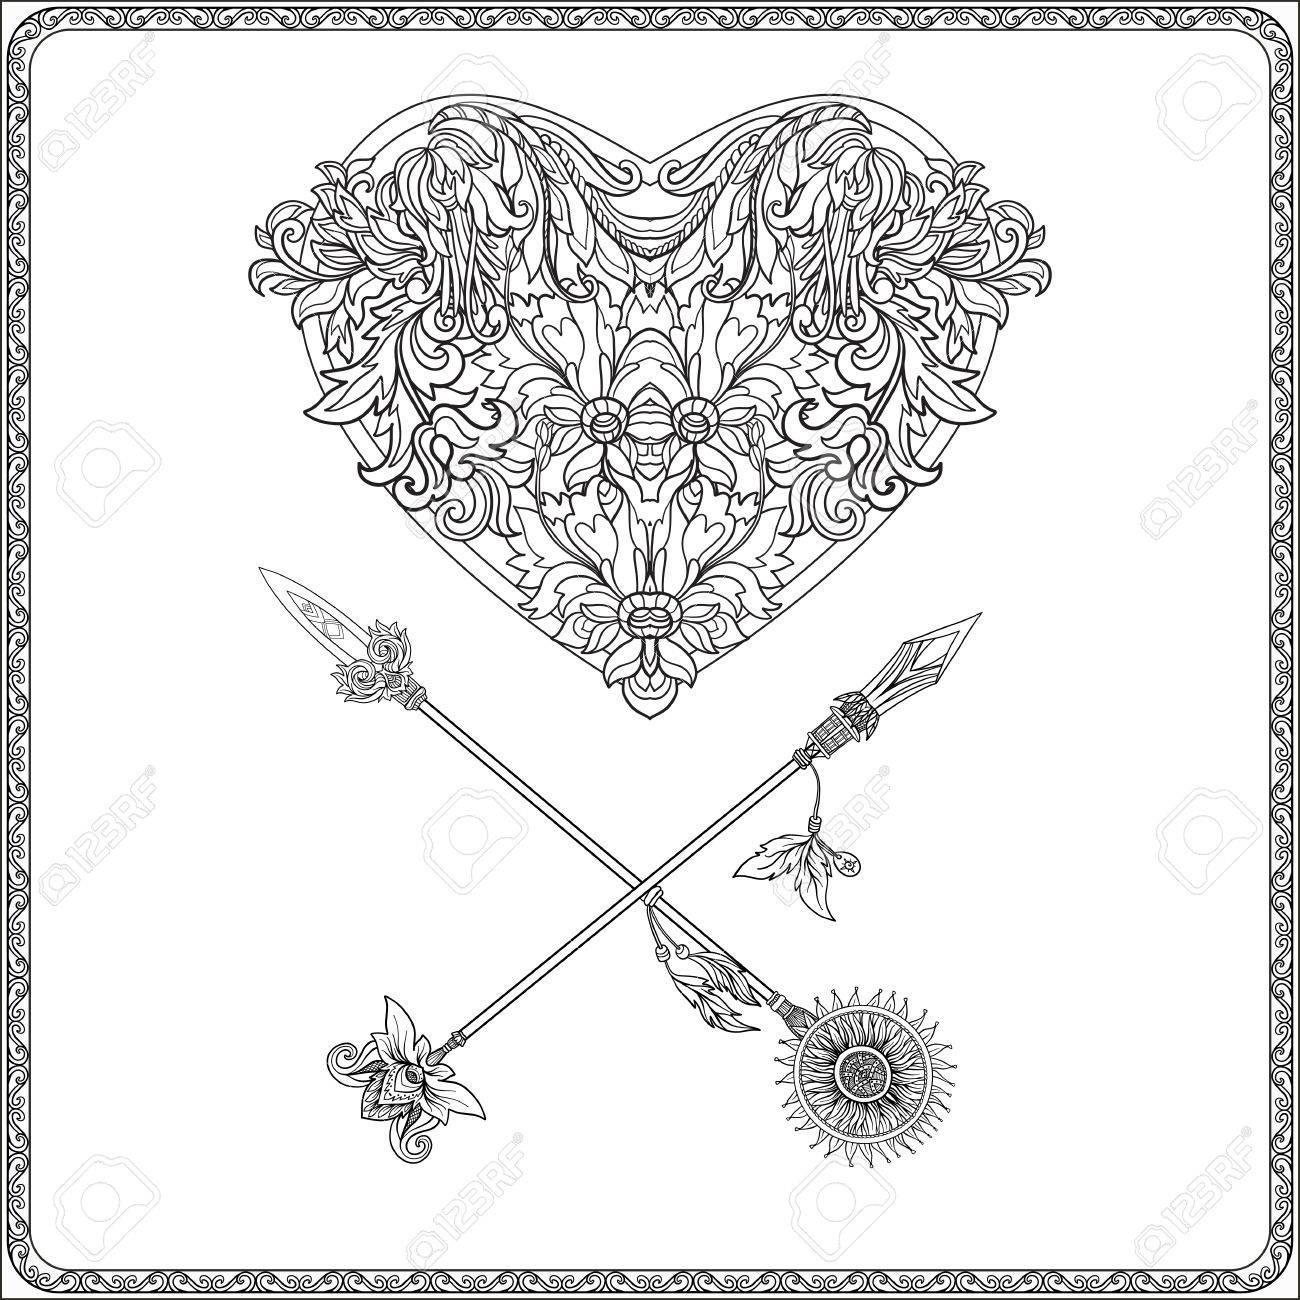 1300x1300 Decorative Love Heart With Decorative Arrows In Rococo, Victorian